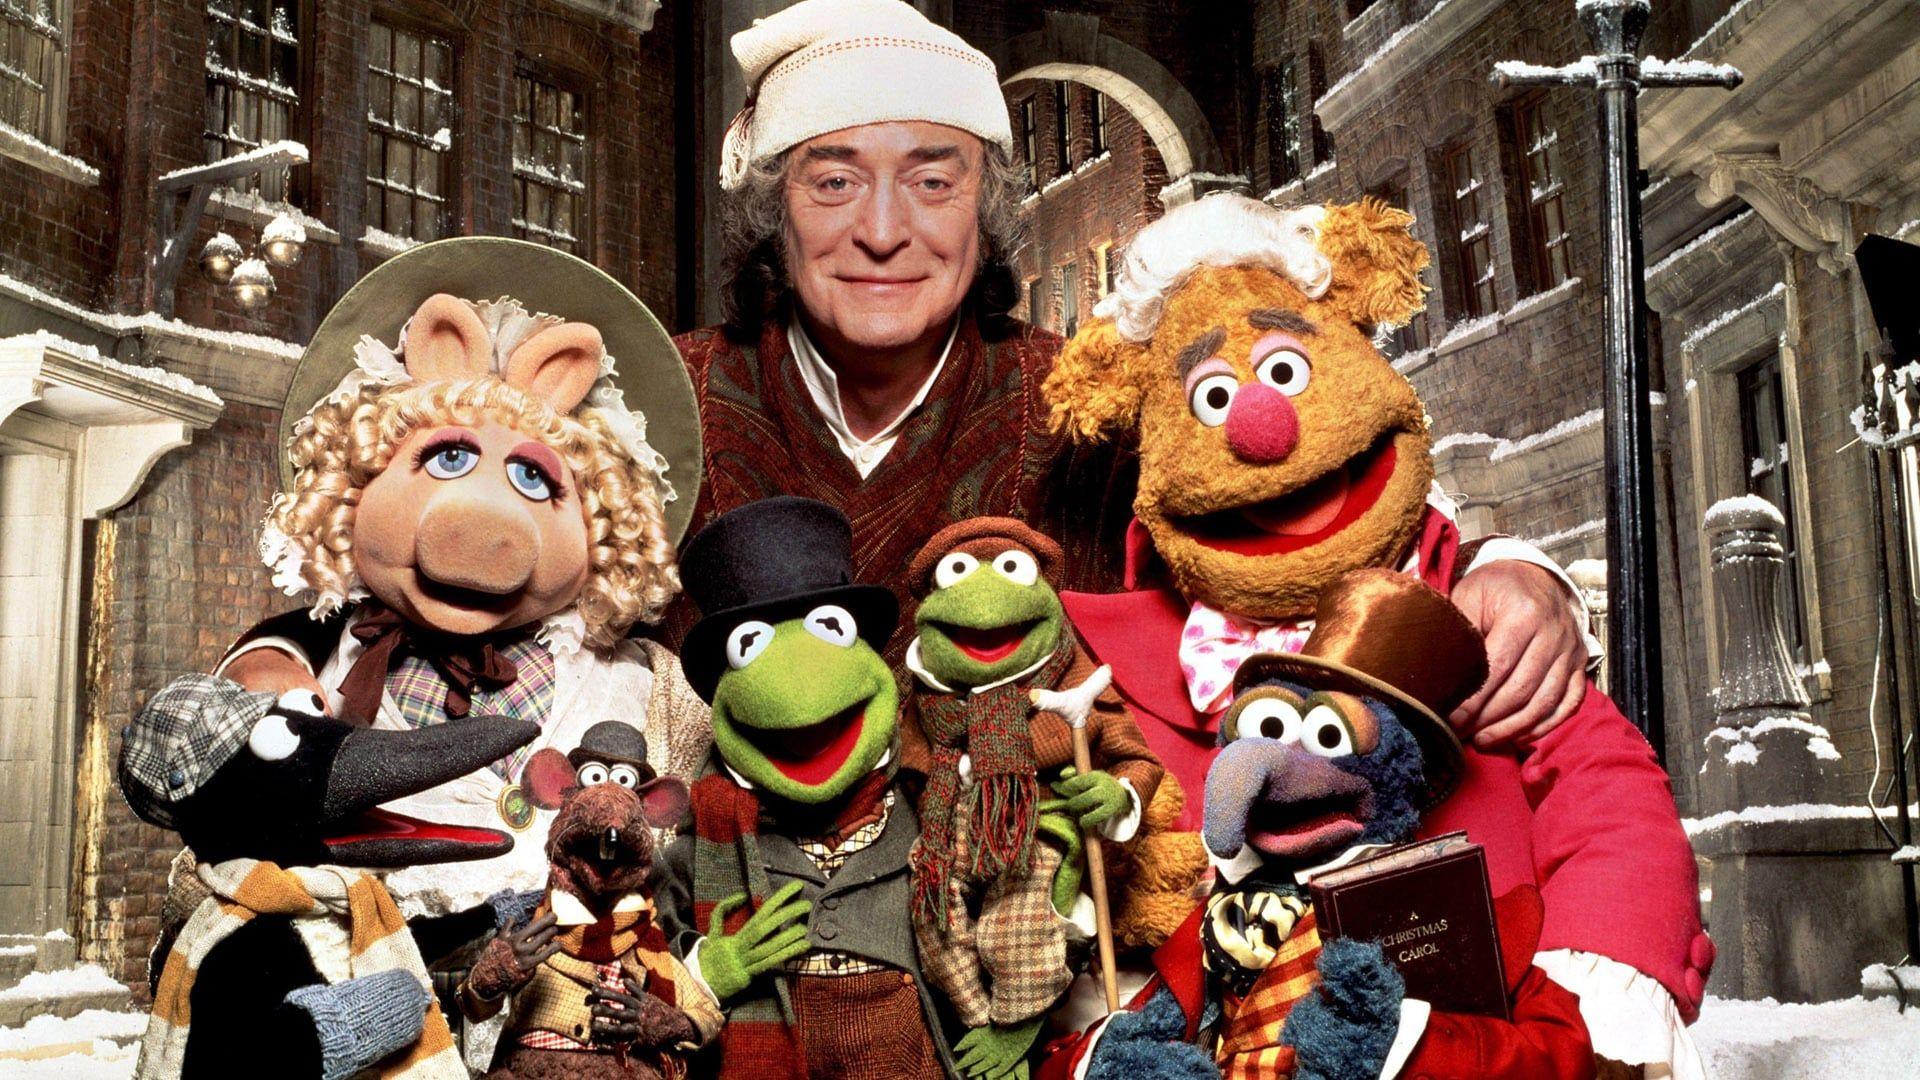 Au Cours De La Nuit Precedant Noel Un Vieillard Egoiste Et Avare Nomme Ebenezer Scrooge Rec In 2020 Muppet Christmas Carol Muppets Christmas Best Christmas Movies